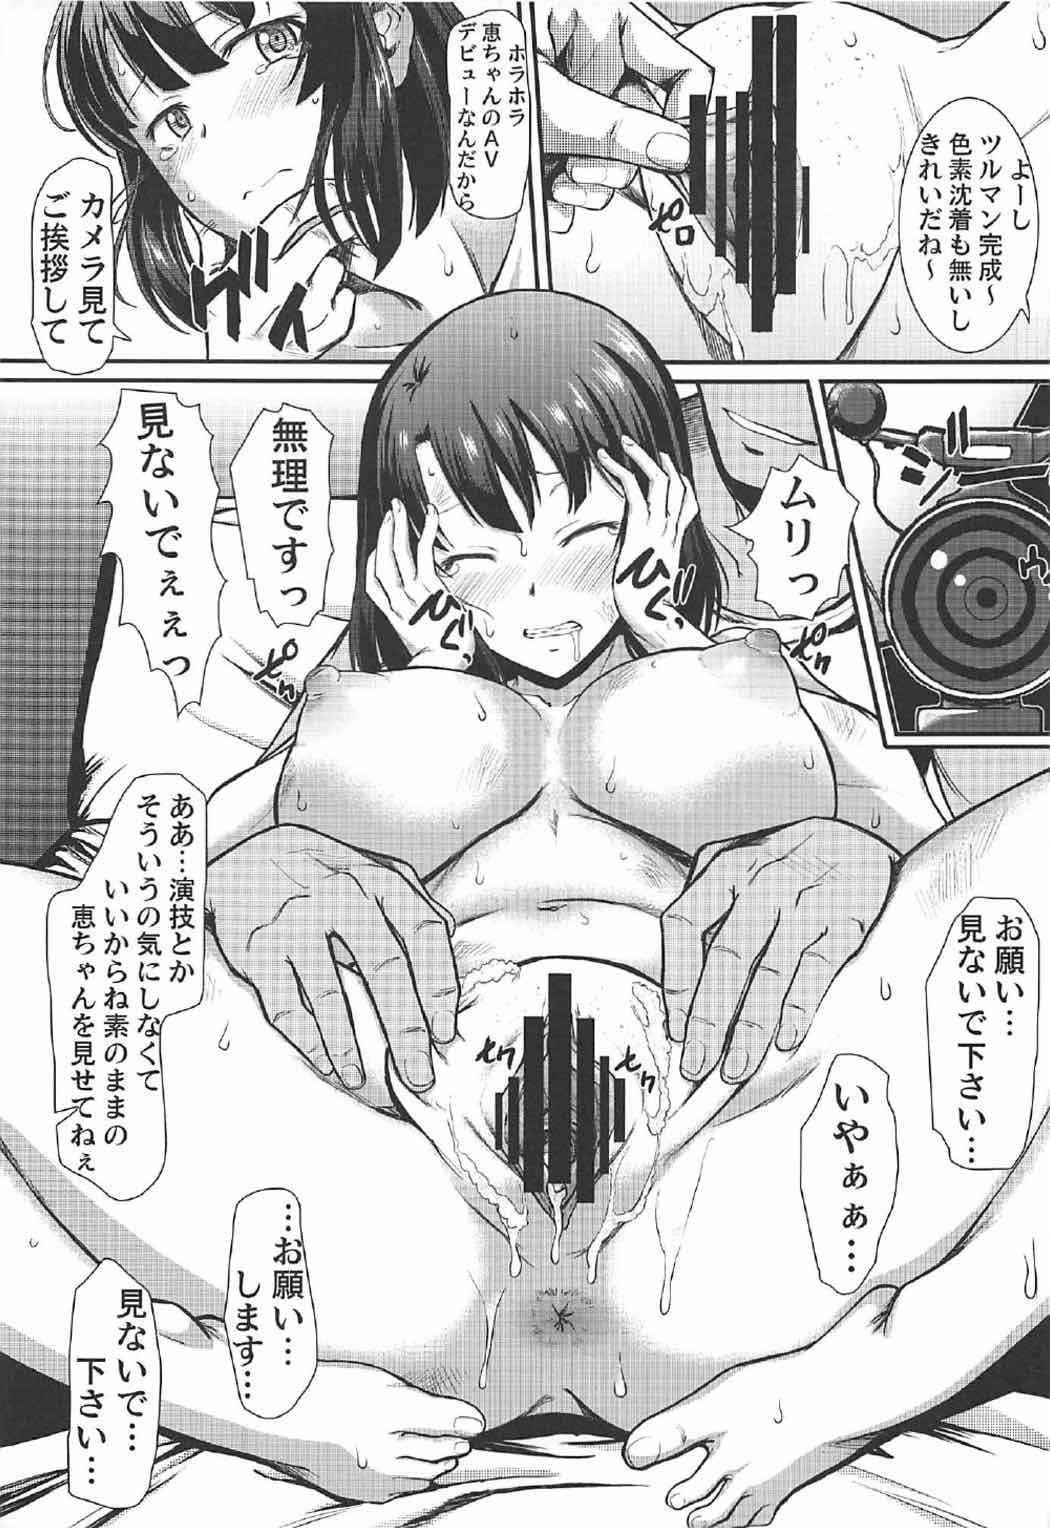 Kimi wa Boku no Taiyou da 2 17